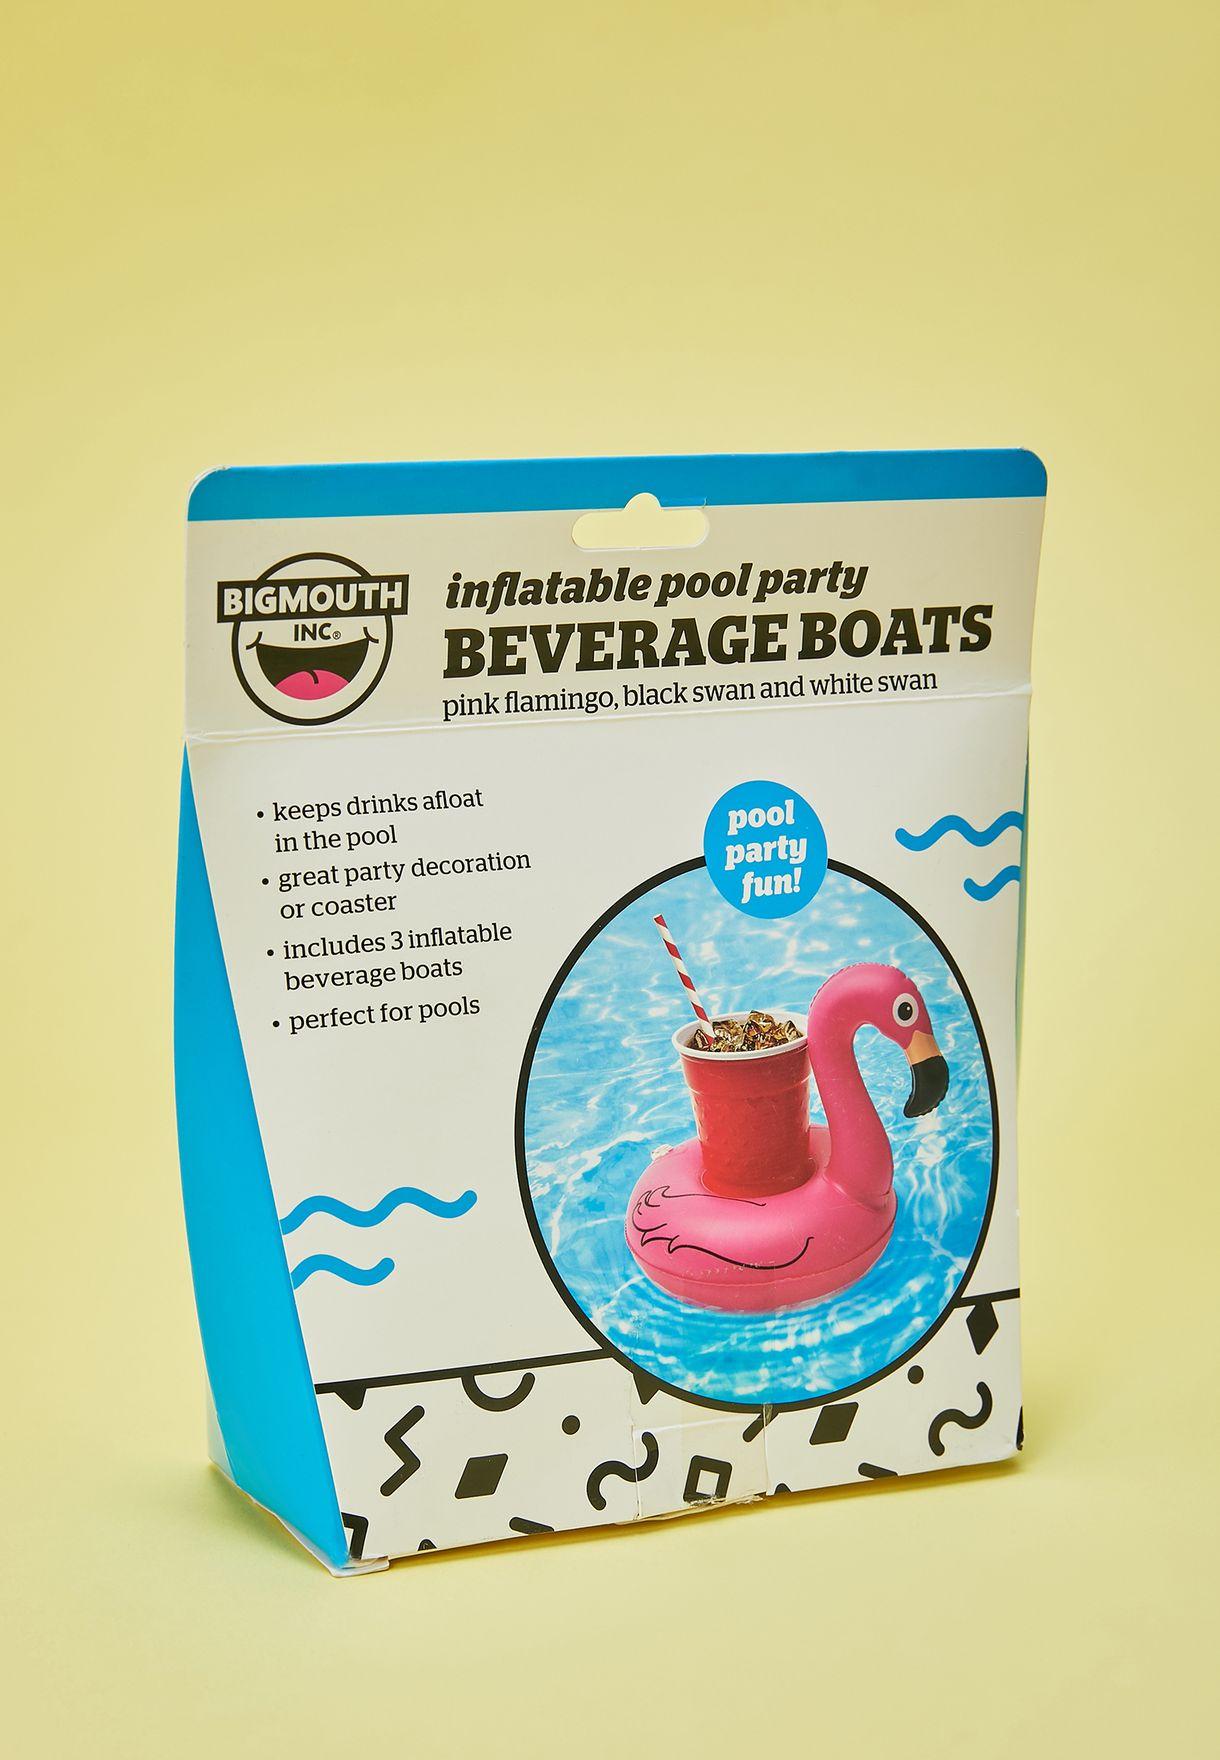 قواعد مشروبات في حمام السباحة